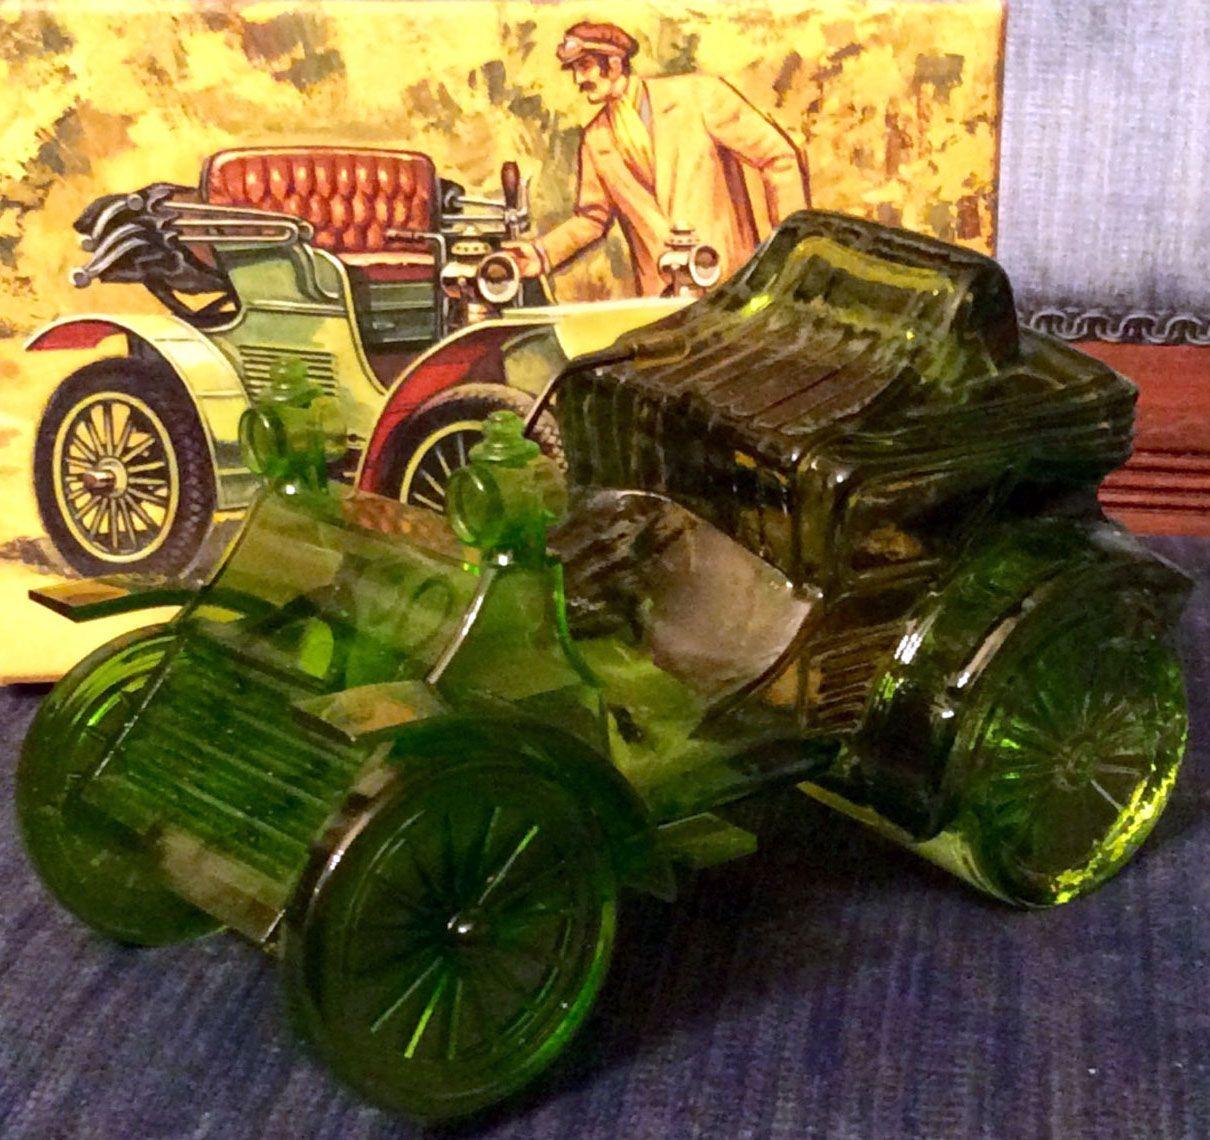 Avon Vintage Flacon Automobile Rétro Années 70 Années